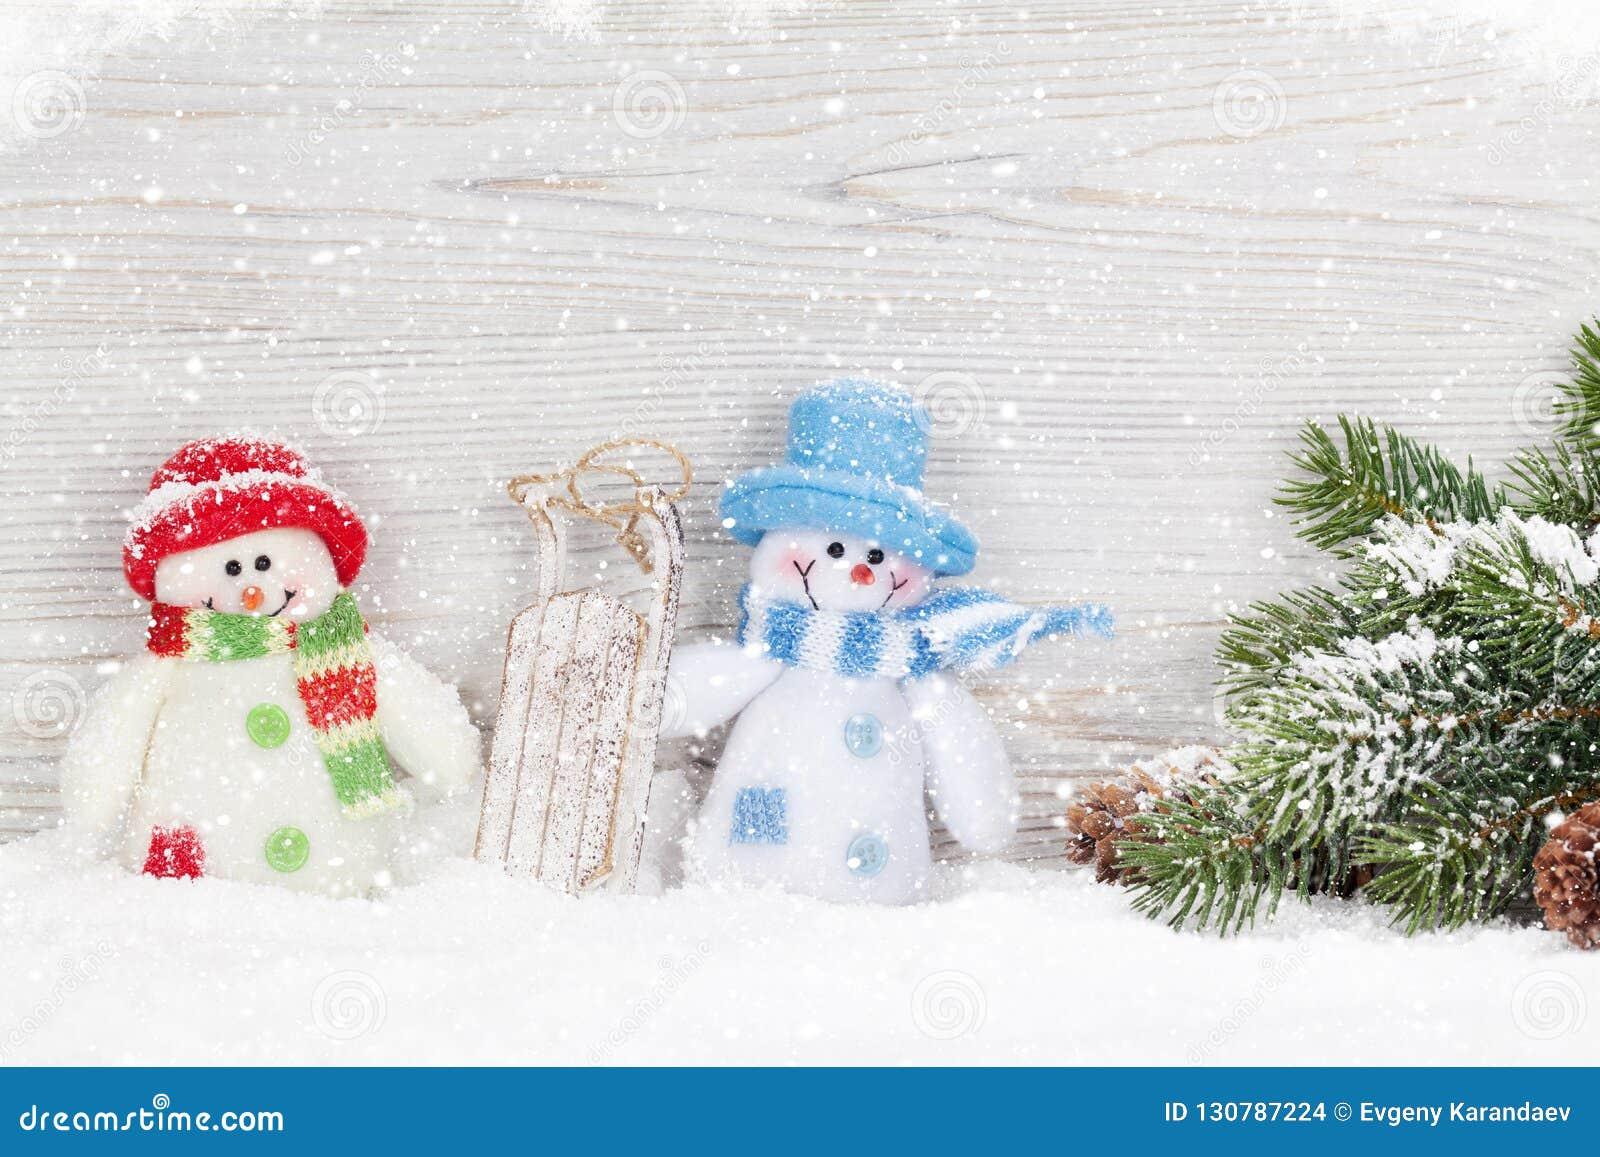 圣诞节雪人玩具、装饰和杉树分支